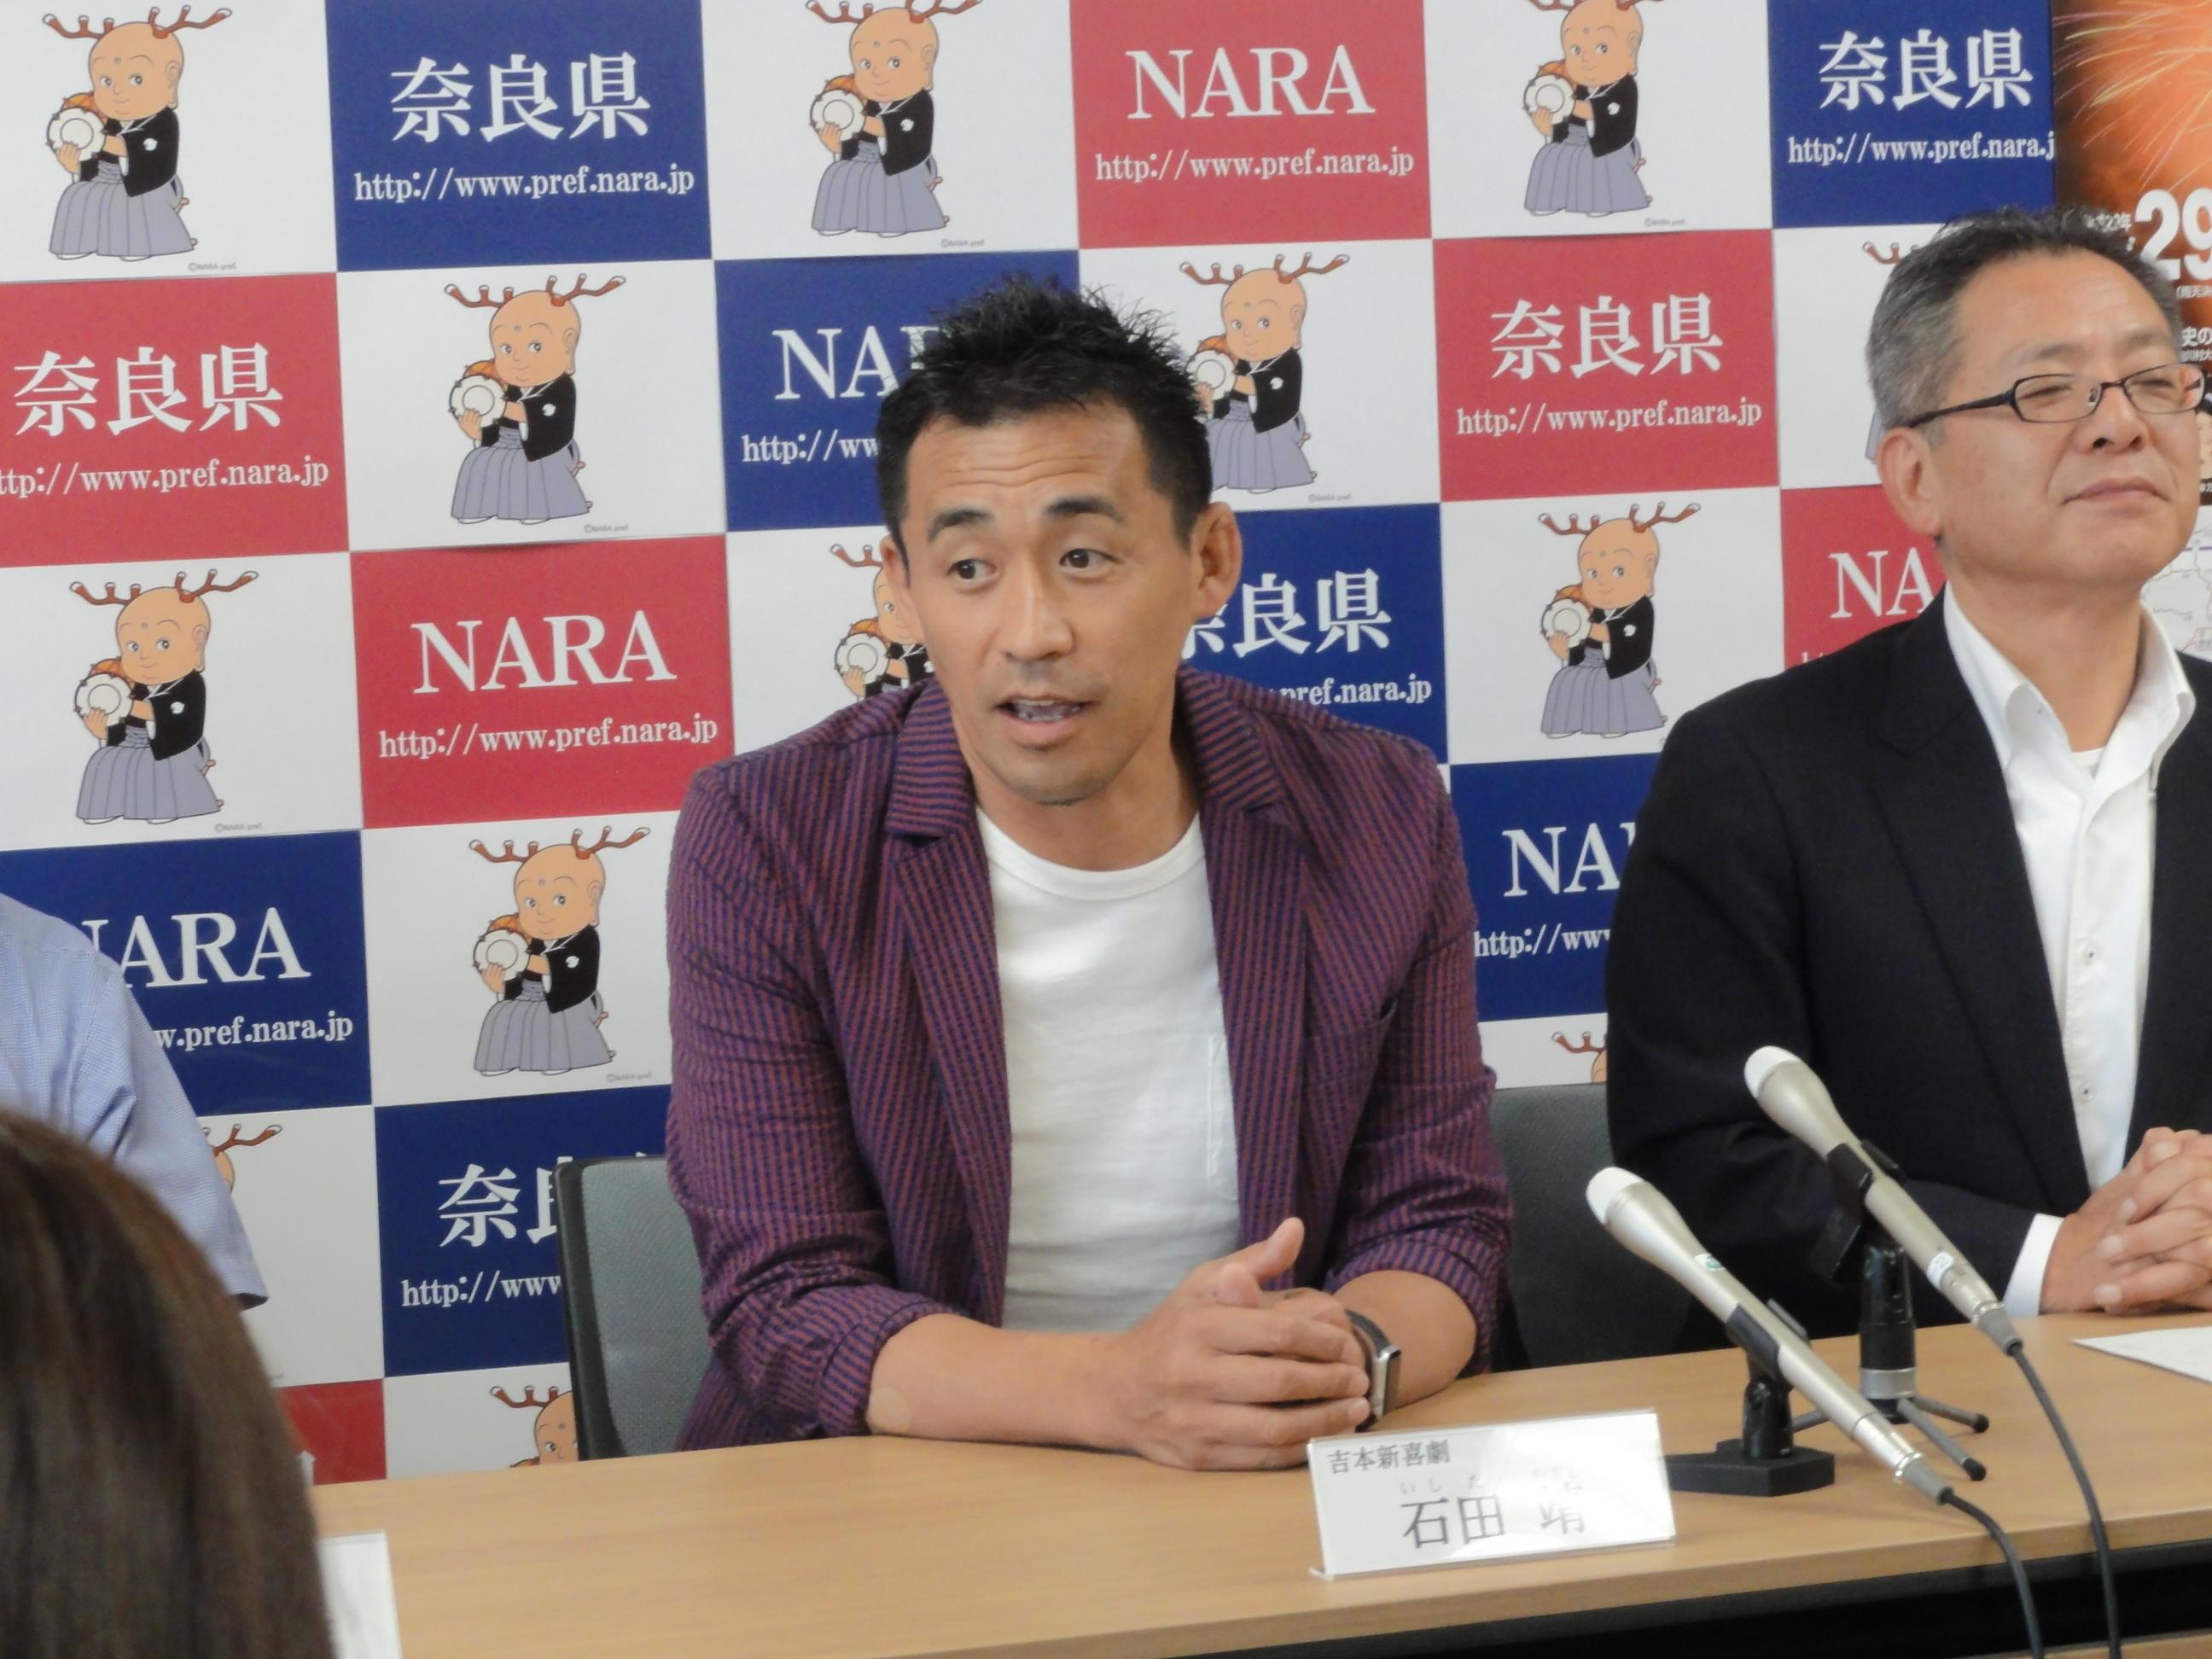 http://news.yoshimoto.co.jp/20170727211949-91d7c12979d785f2ba6be183641255b75e4de1d4.jpg